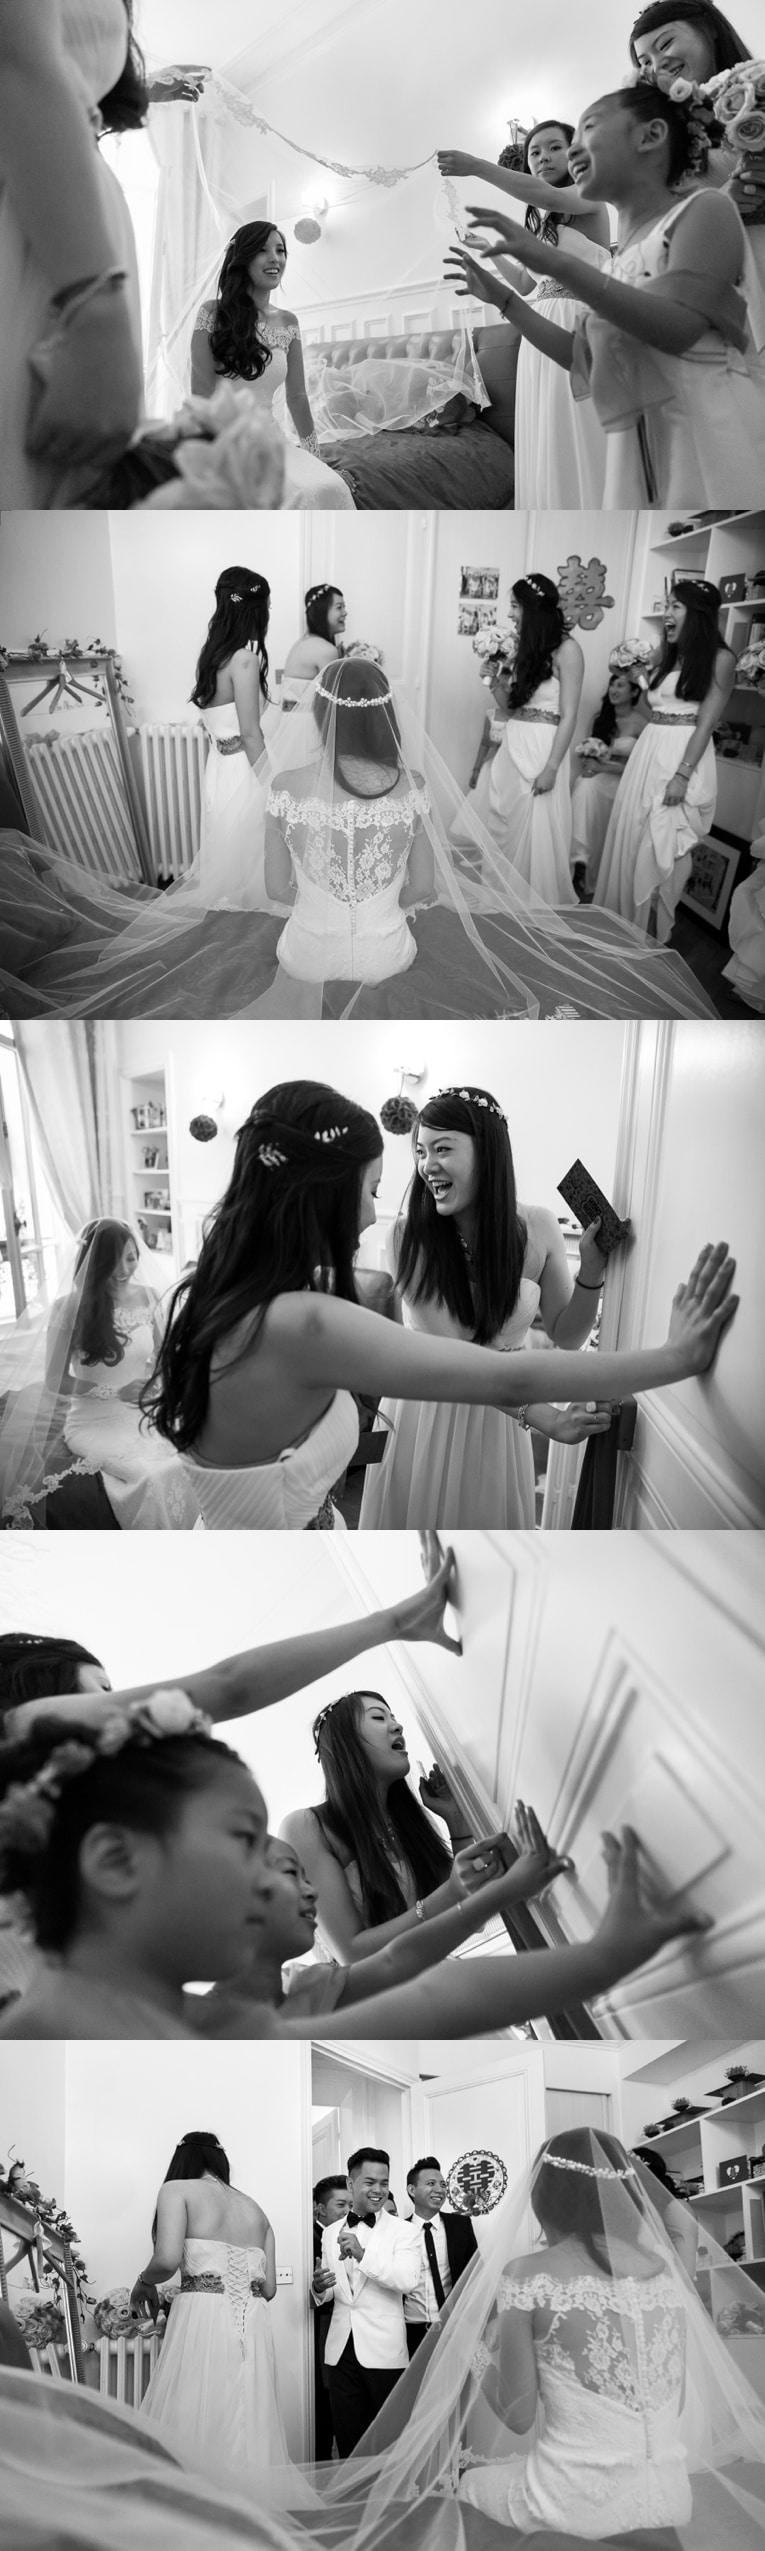 chinese-wedding-paris-4